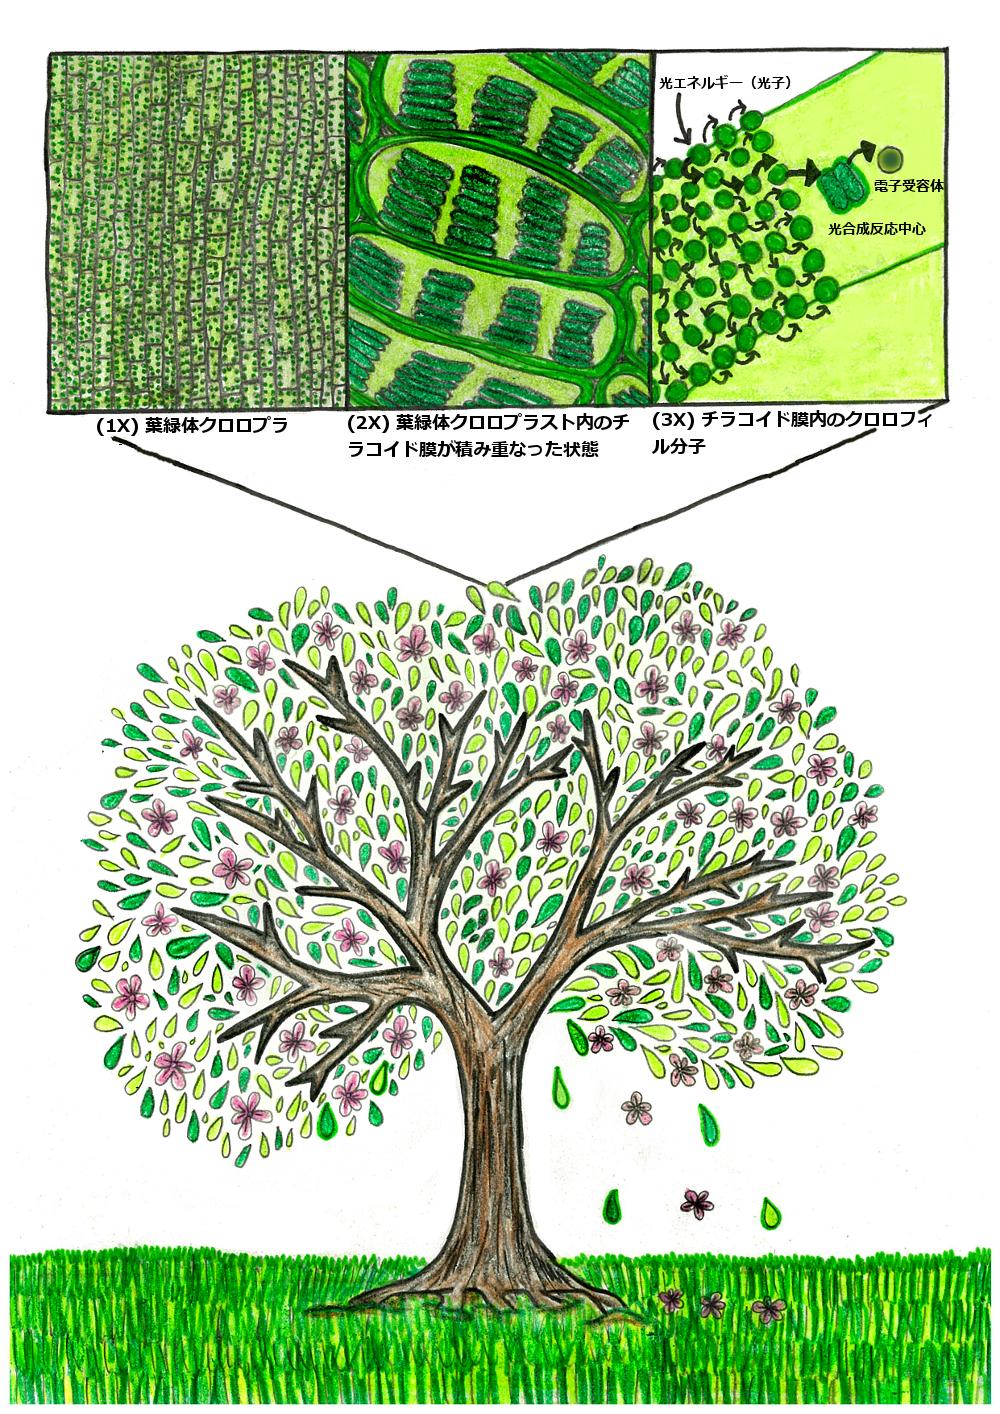 桜の木の量子現象